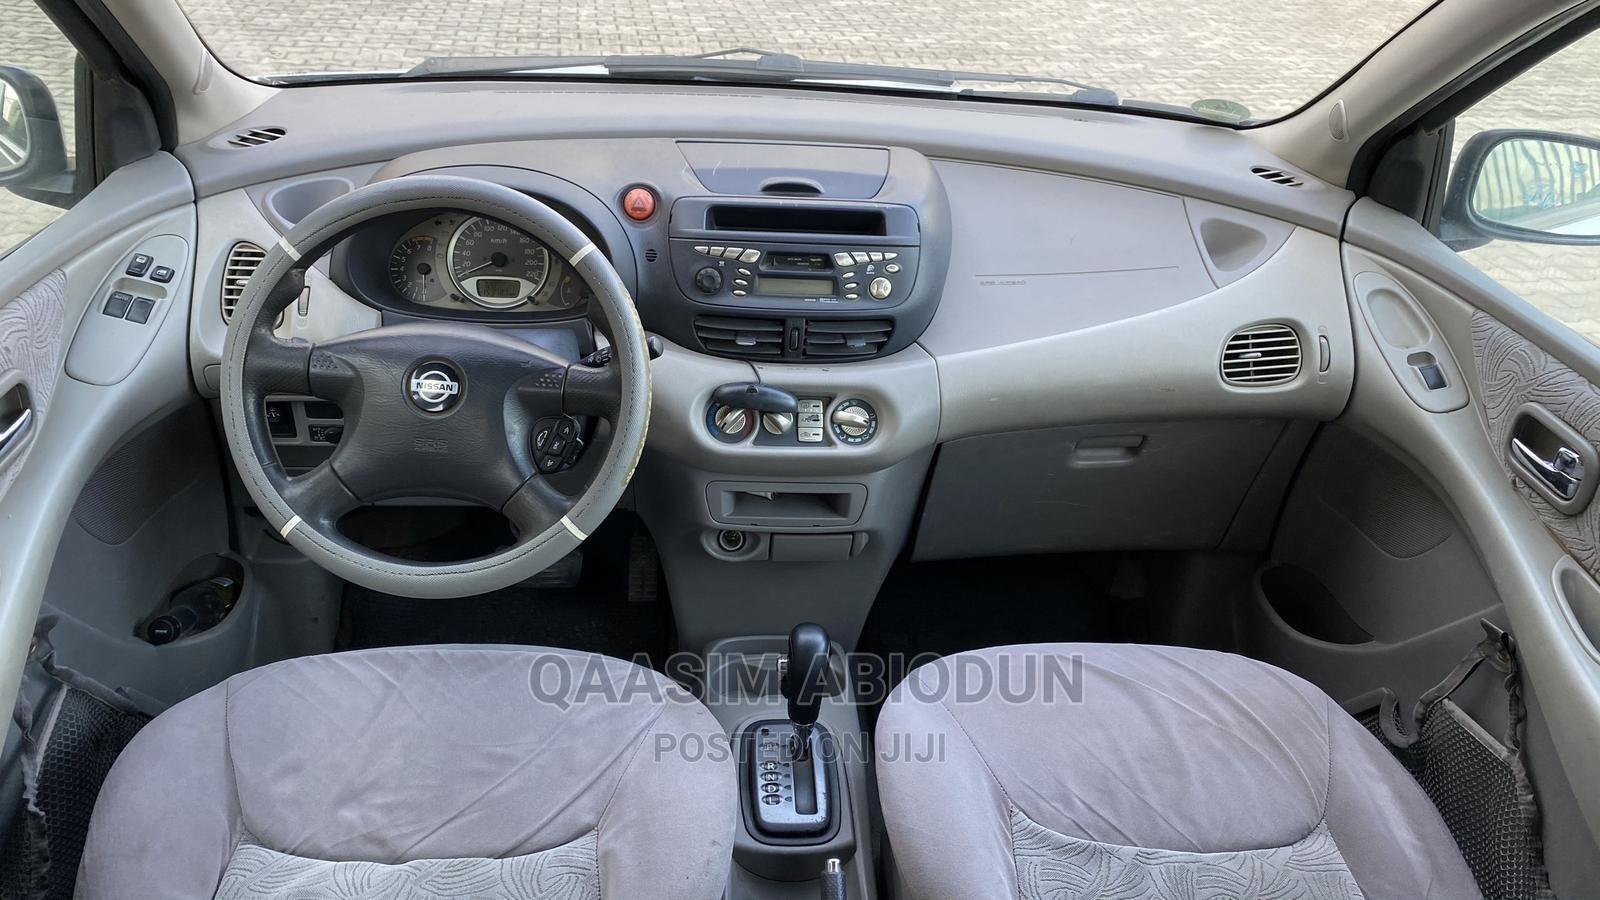 Nissan Almera 2000 1.8 Automatic Silver